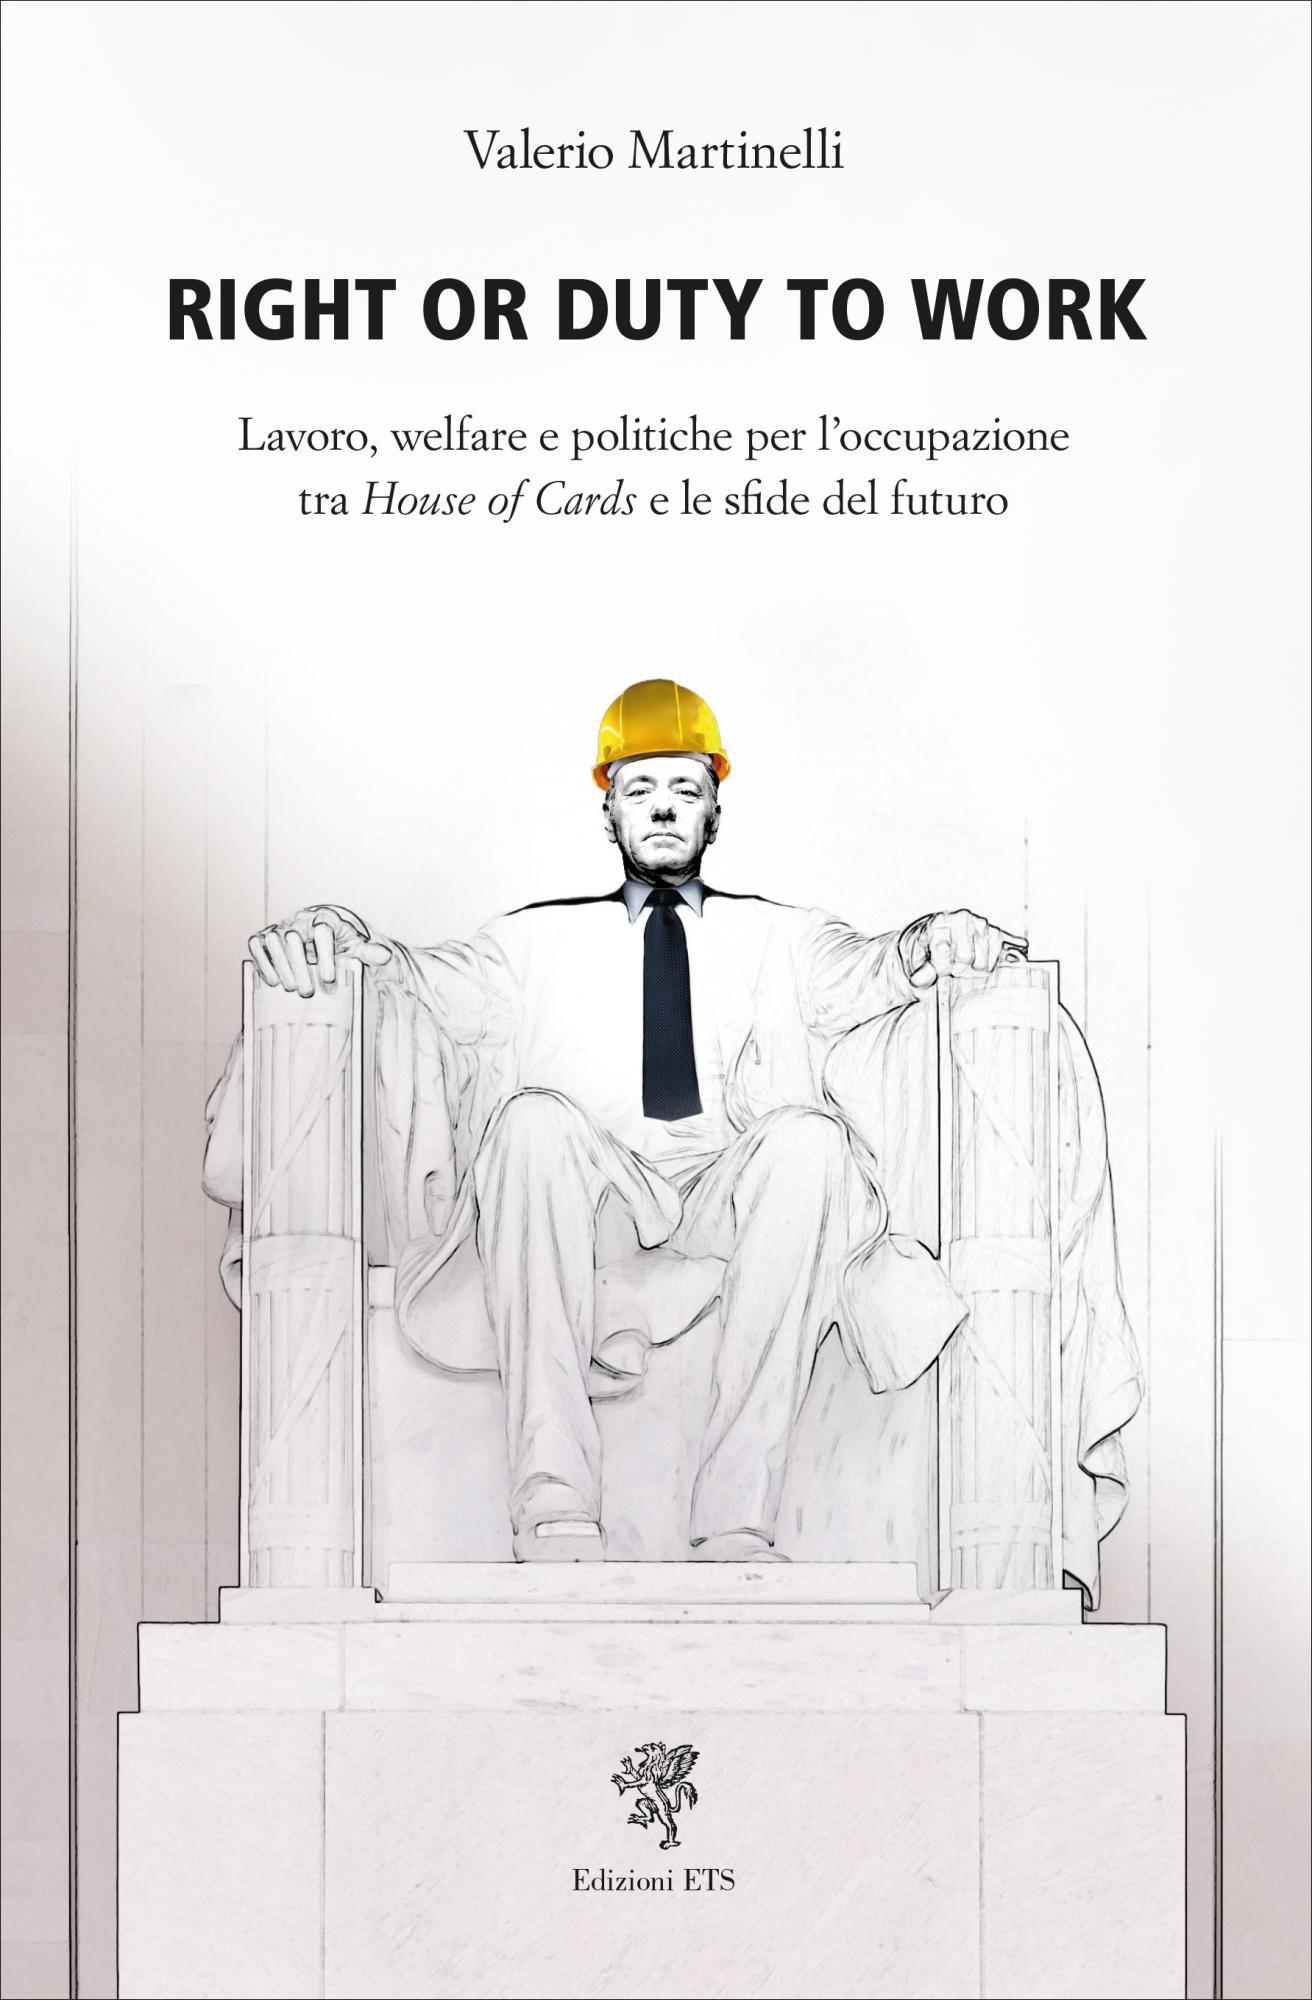 Right or duty to work.Lavoro, welfare e politiche per l'occupazione tra House of Cards e le sfide del futuro